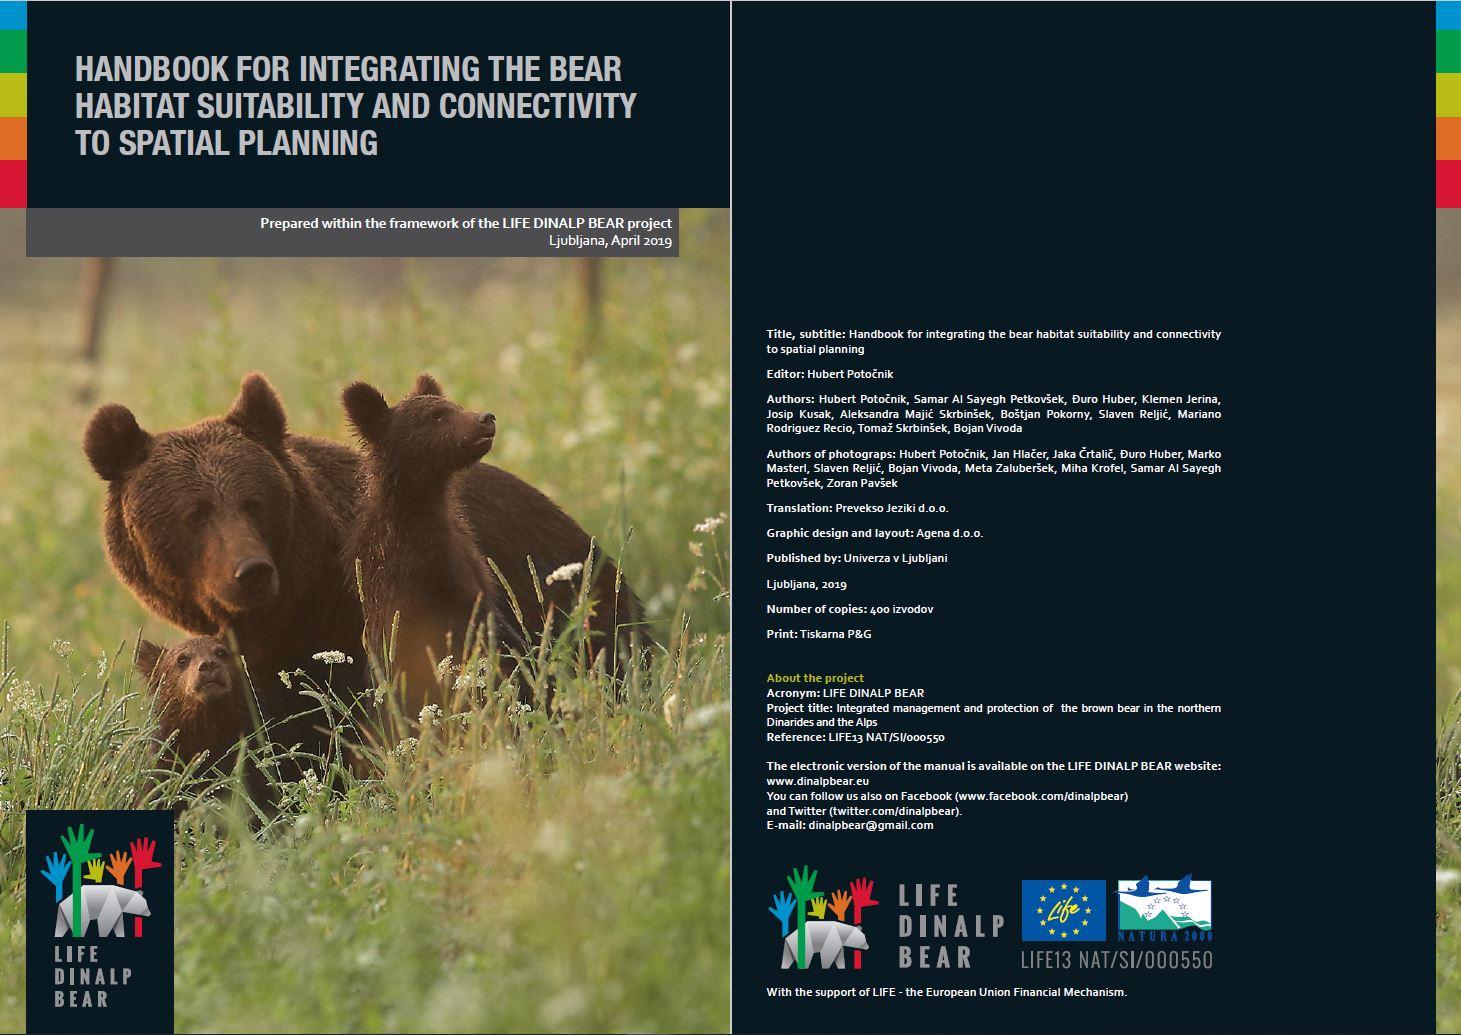 Upoštevanje prisotnosti medveda pri prostorskem načrtovanju